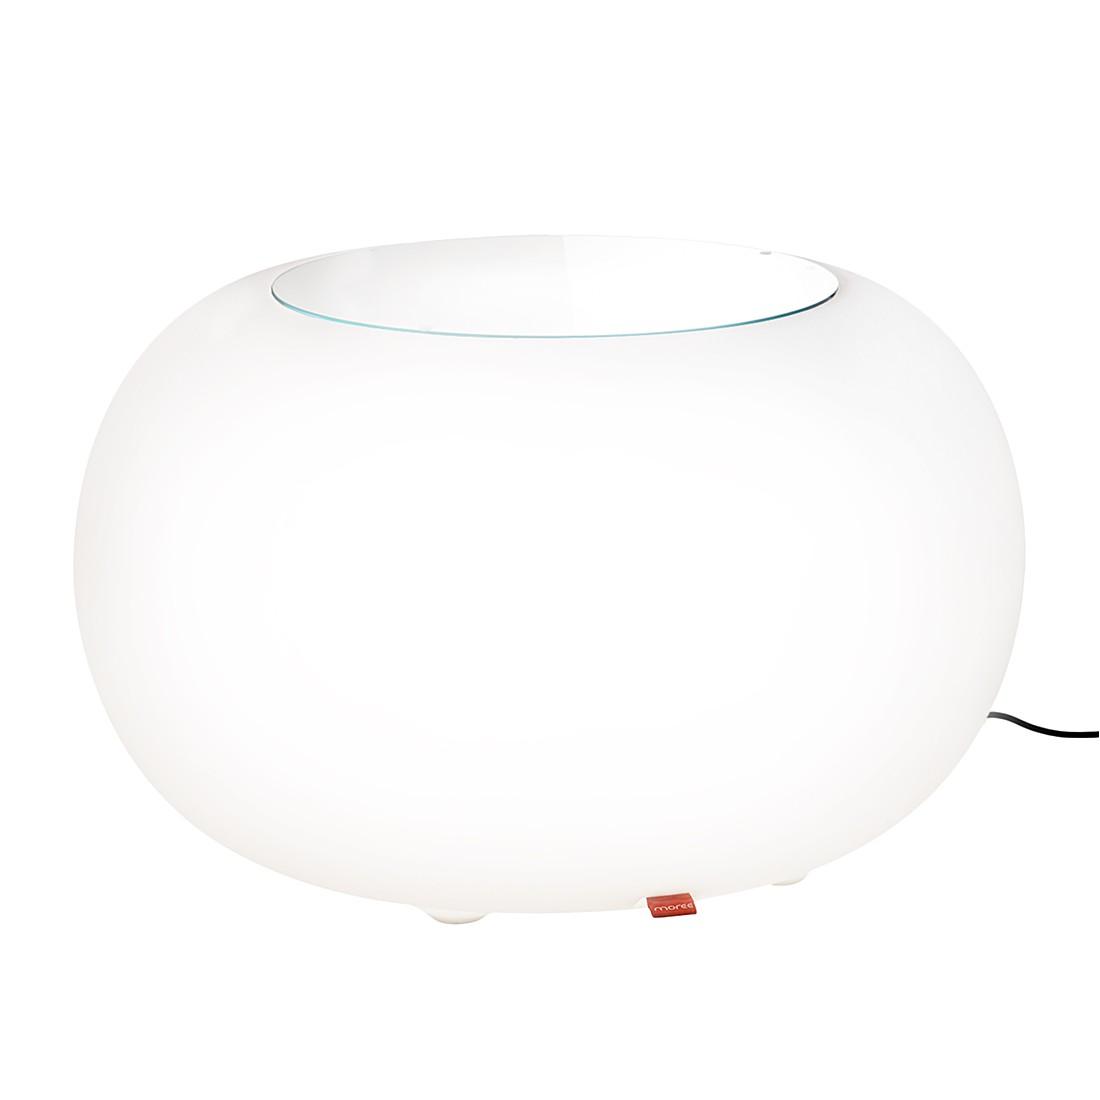 glasplatten beleuchtung preisvergleiche. Black Bedroom Furniture Sets. Home Design Ideas